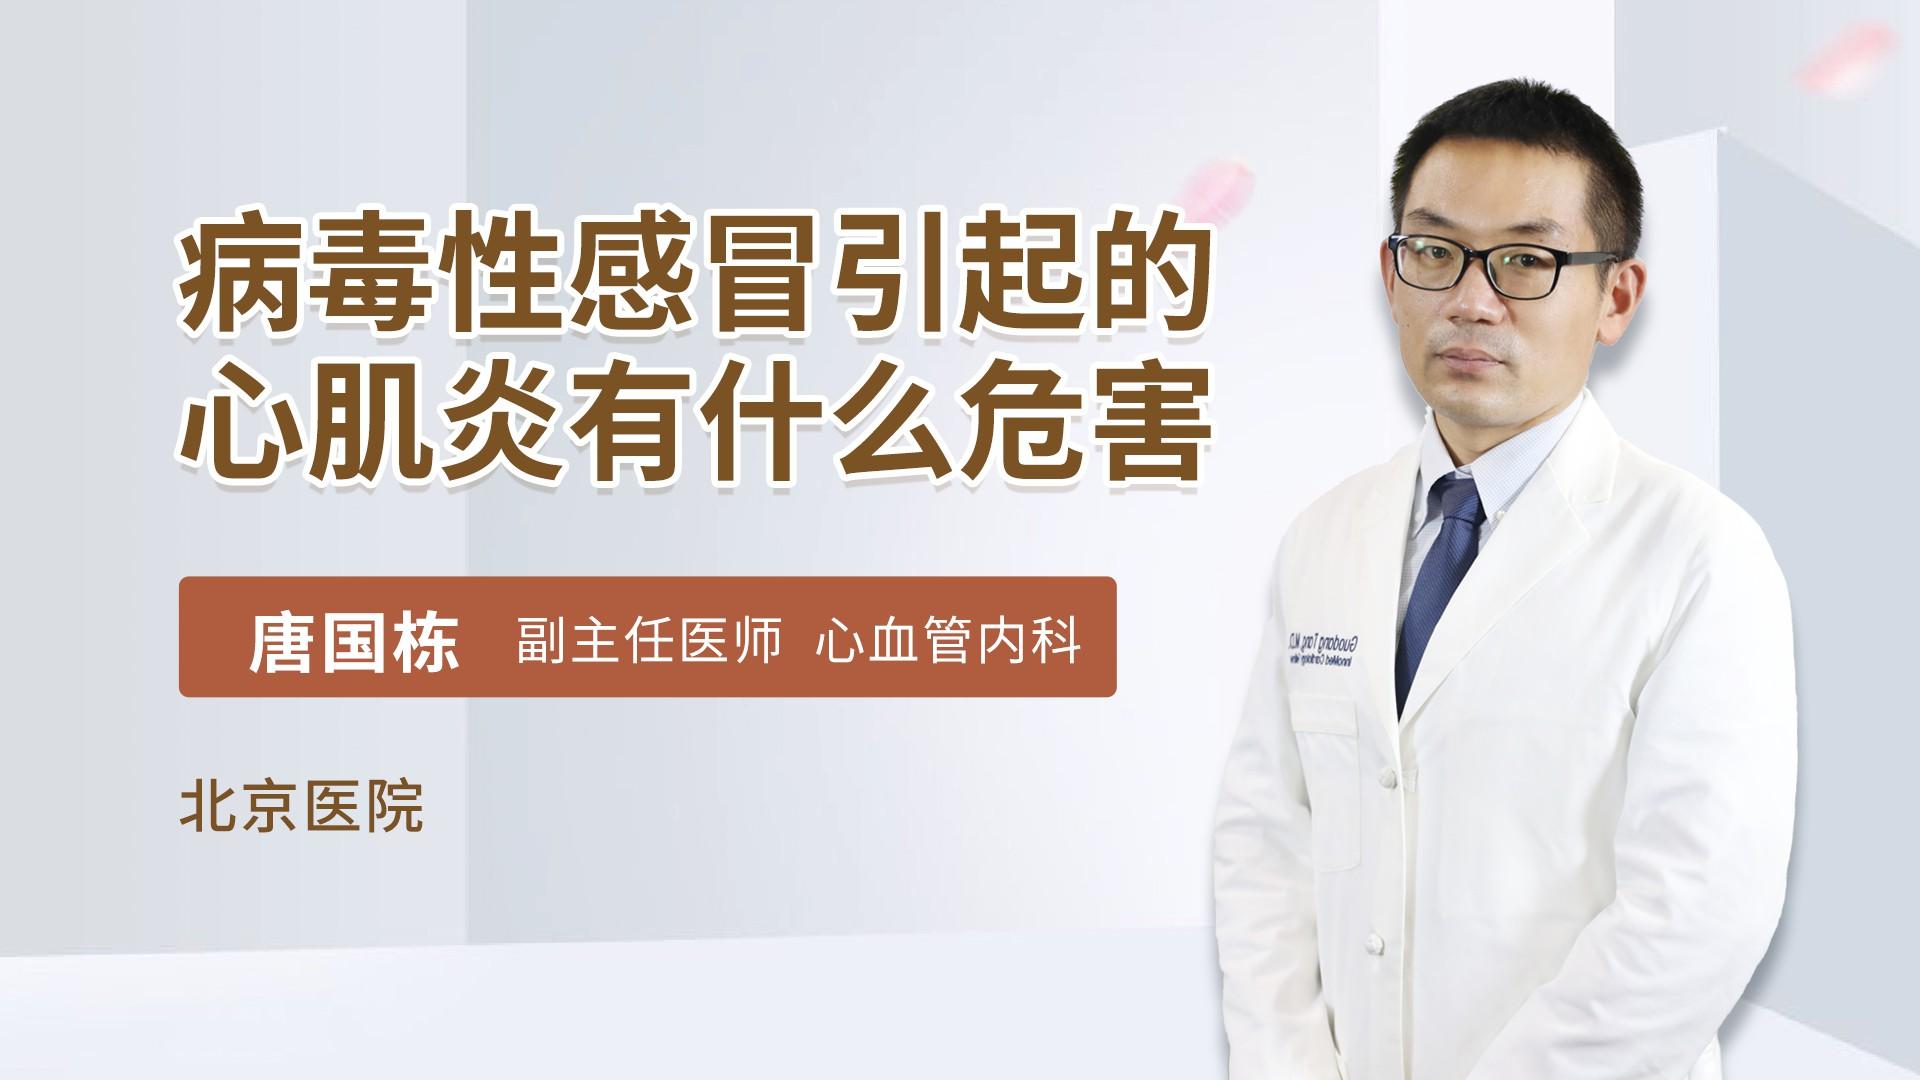 病毒性感冒引起的心肌炎有什么危害